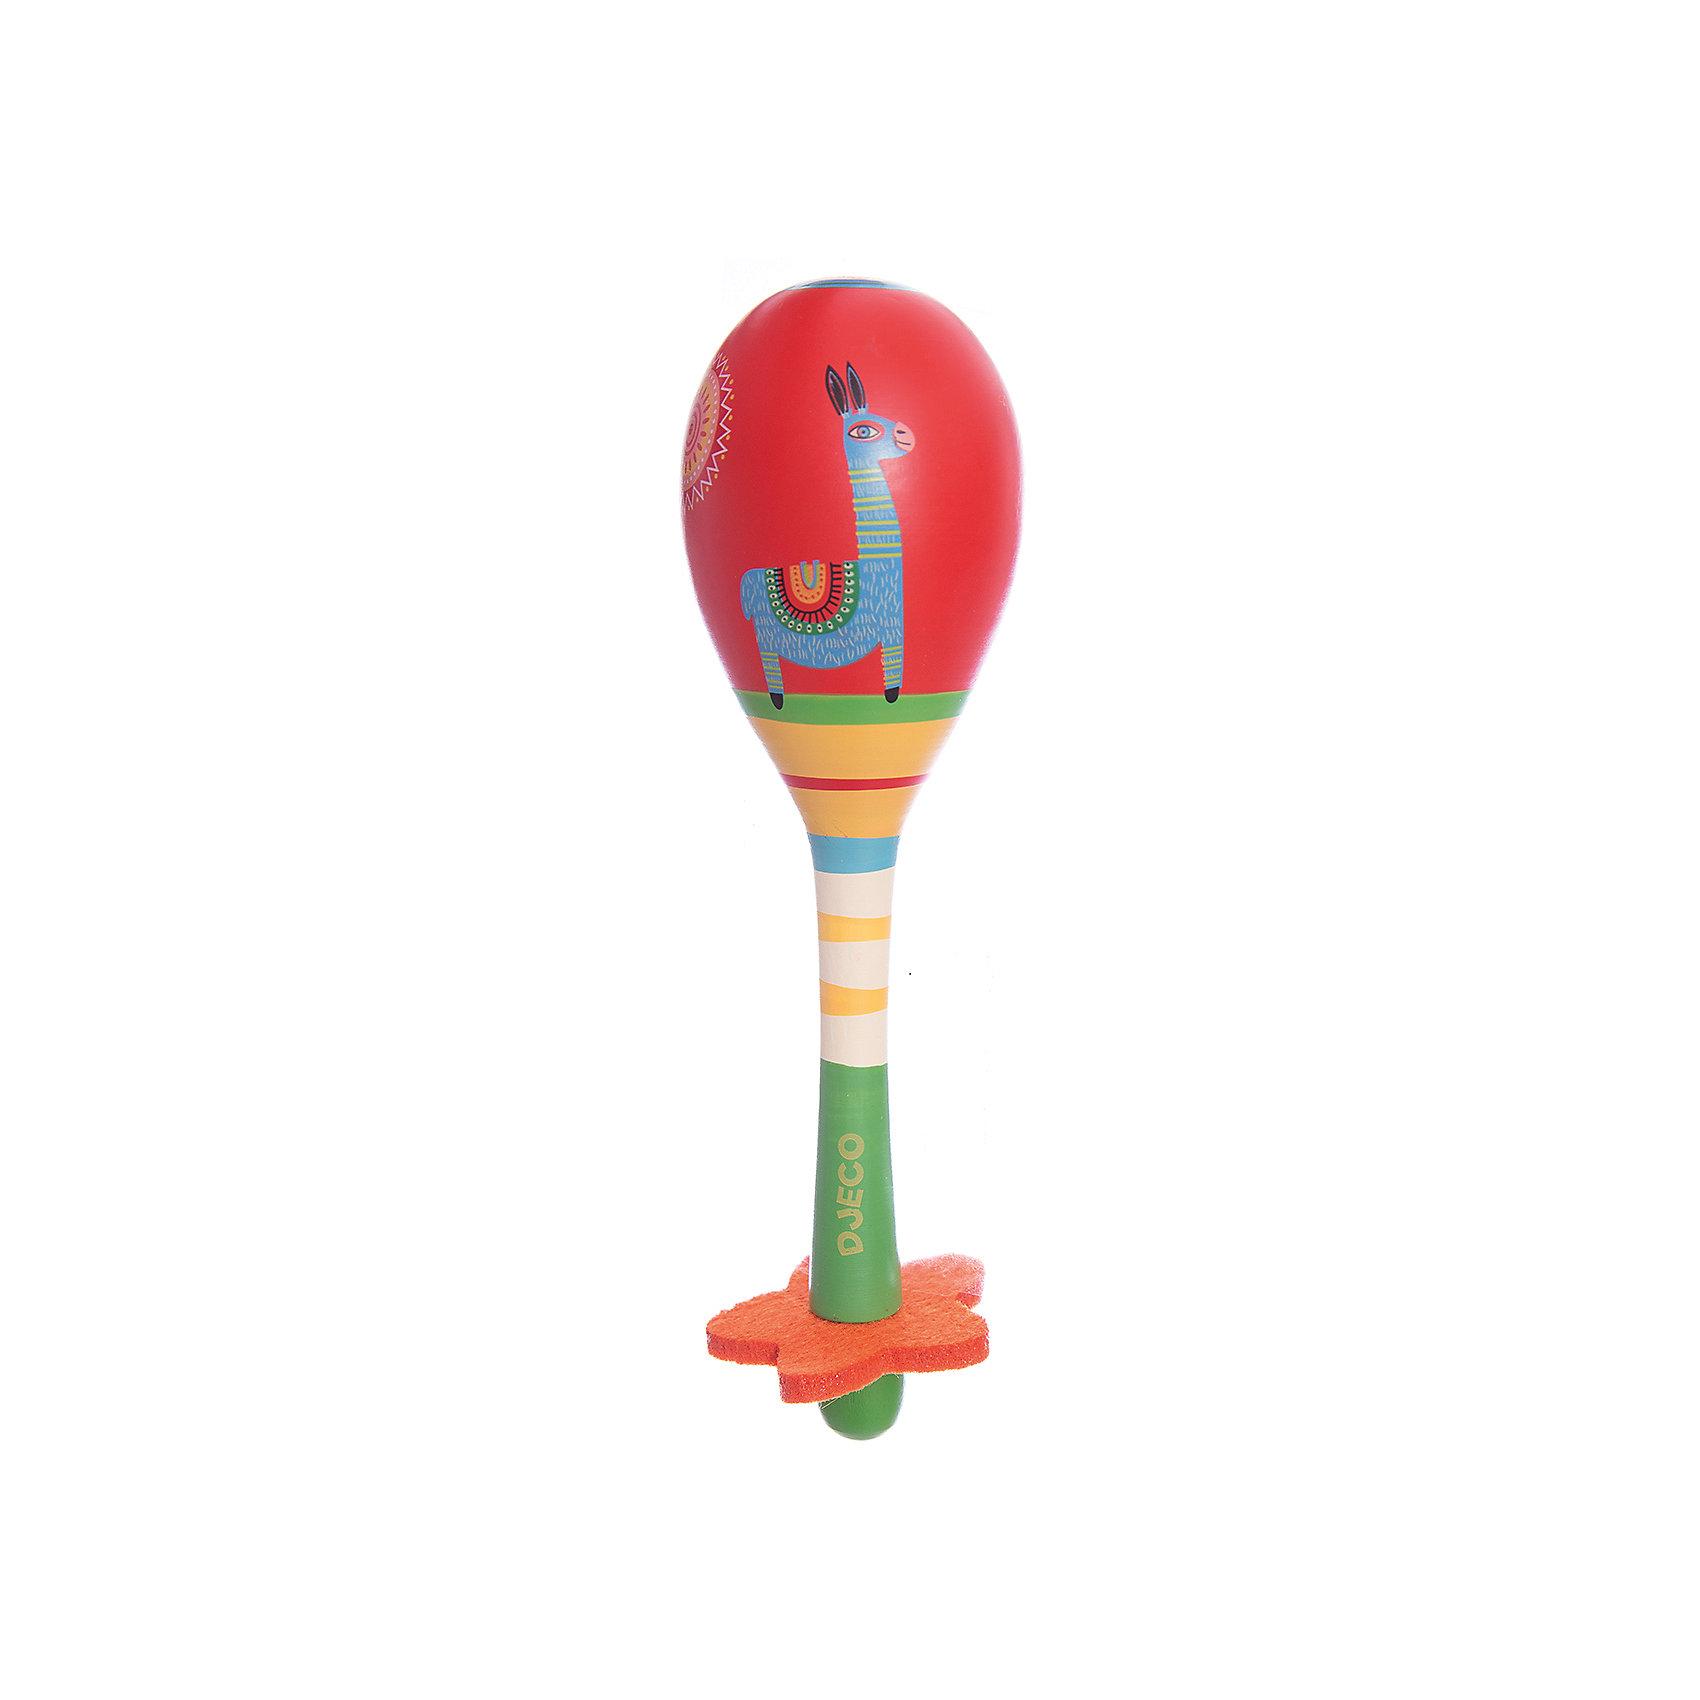 Маракас, DJECOЧудесный красочный маракас, Djeco (Джеко), непременно понравится Вашему ребенку и поможет ему развить свои музыкальные способности. С его помощью он будет придумывать собственные мелодии и музыкальные композиции. Игрушка имеет яркий, привлекательный для ребенка дизайн с разноцветными узорами и изображением симпатичной ламы, ручка с красным цветочком очень удобна для ручек малыша. Игрушка изготовлена из высококачественного дерева и покрыта безопасными нетоксичными красками. Игра на маракасе способствует развитию чувства ритма, музыкального слуха и творческих способностей ребенка, тренирует мелкую моторику.<br><br>Дополнительная информация:<br><br>- Материал: дерево.<br>- Размер игрушки: 5,8 х 18,3 см.<br>- Размер упаковки: 22,5 х 20 х 14 см.<br>- Вес: 0,1 кг.<br><br>Маракас, Djeco (Джеко), можно купить в нашем интернет-магазине.<br><br>Ширина мм: 60<br>Глубина мм: 280<br>Высота мм: 10<br>Вес г: 100<br>Возраст от месяцев: 36<br>Возраст до месяцев: 72<br>Пол: Унисекс<br>Возраст: Детский<br>SKU: 4215020